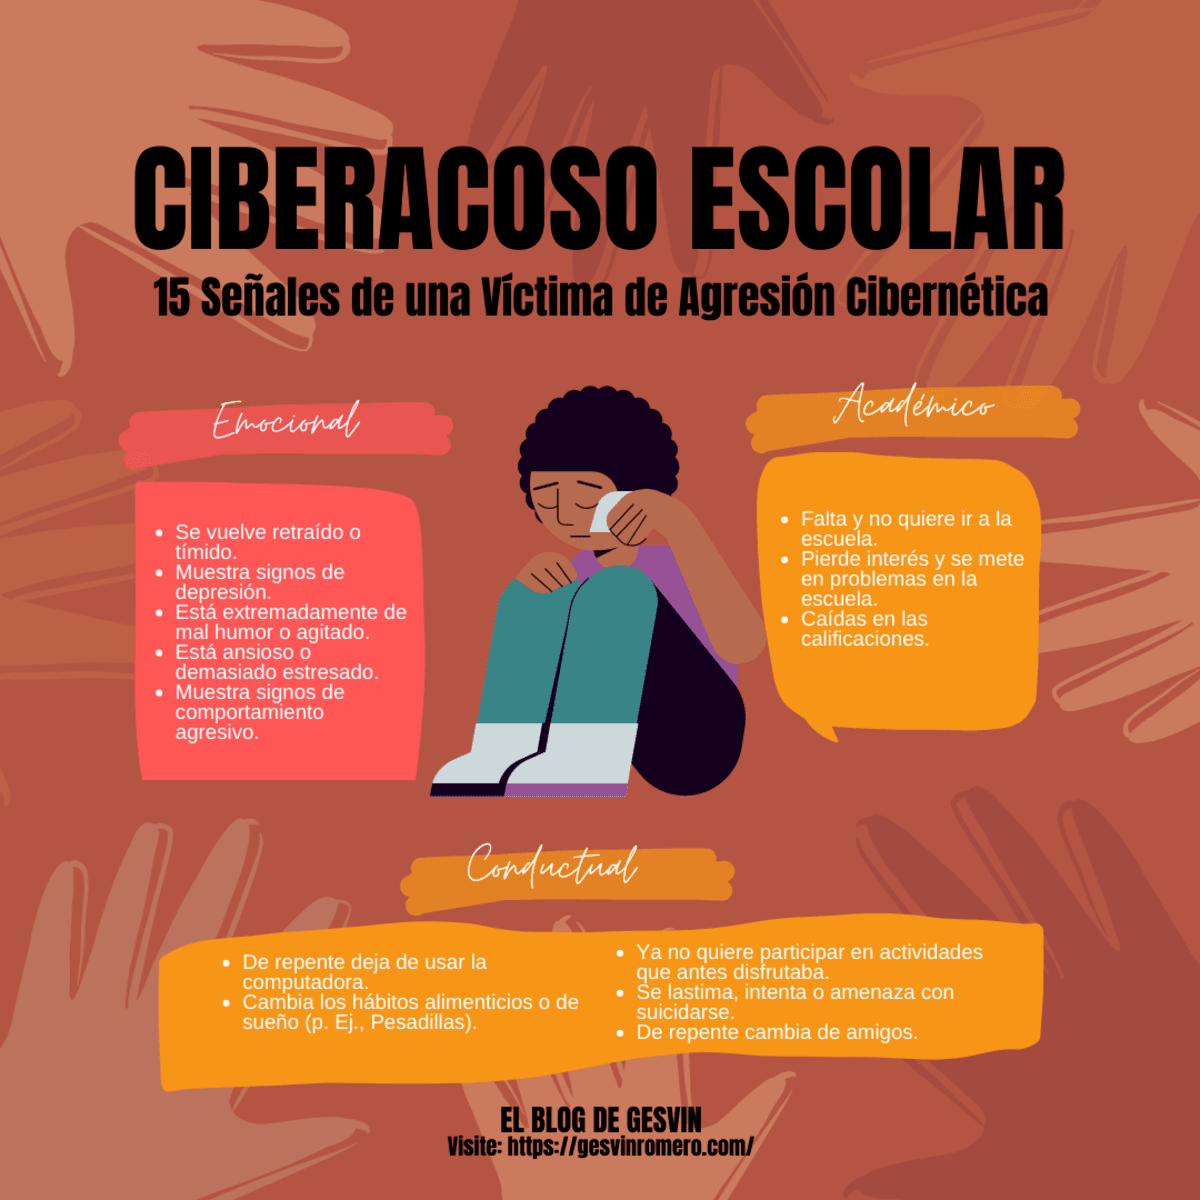 Ciberacoso Escolar - 15 Señales de una Víctima de Agresión Cibernética.